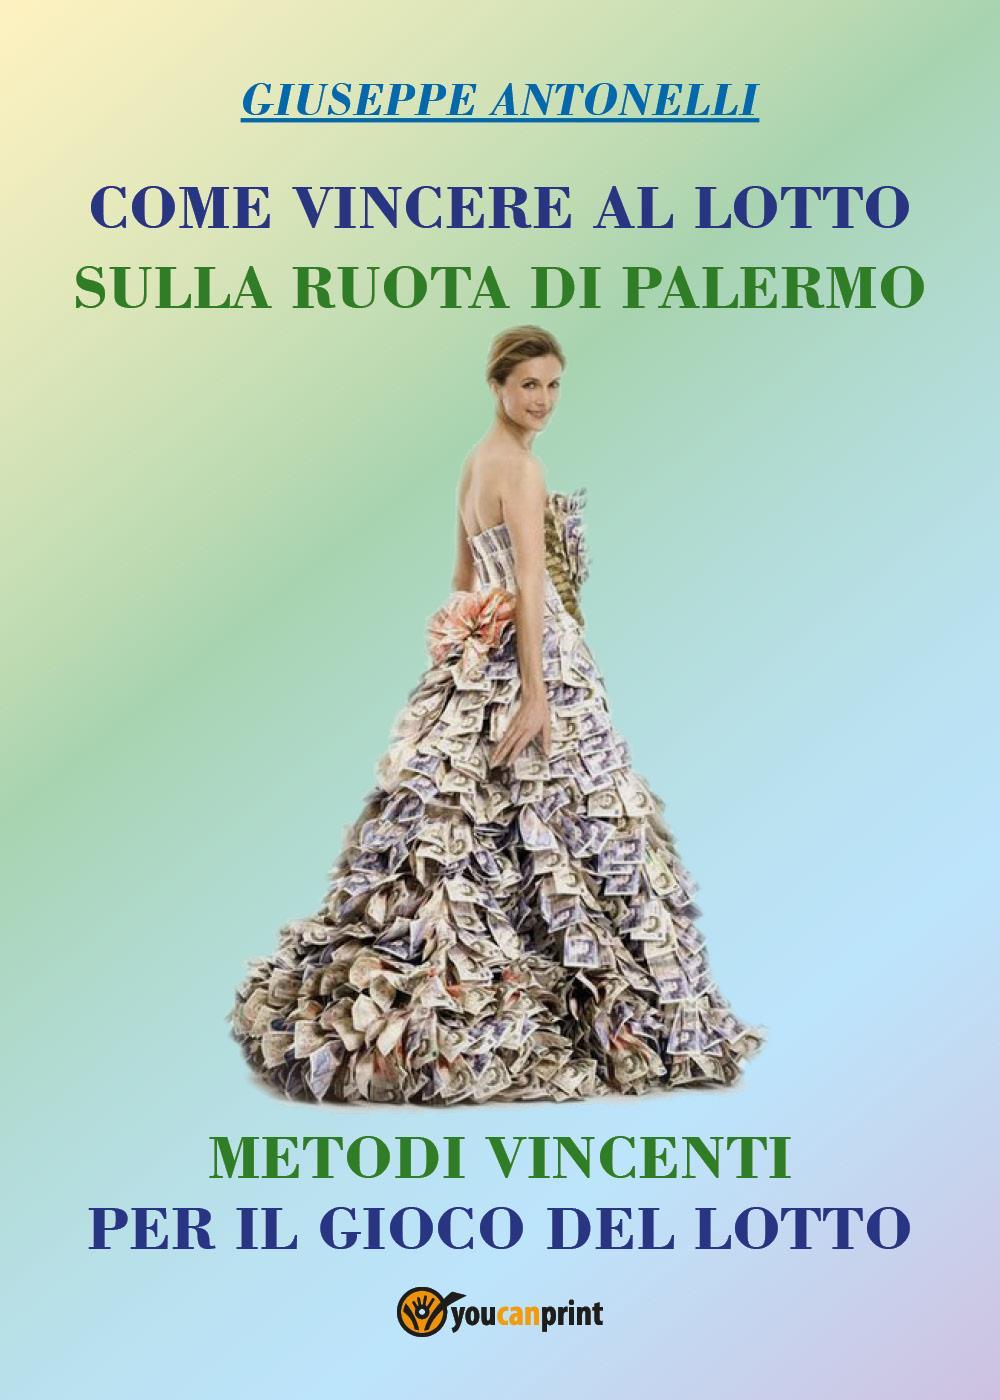 Come Vincere al Lotto sulla ruota di Palermo